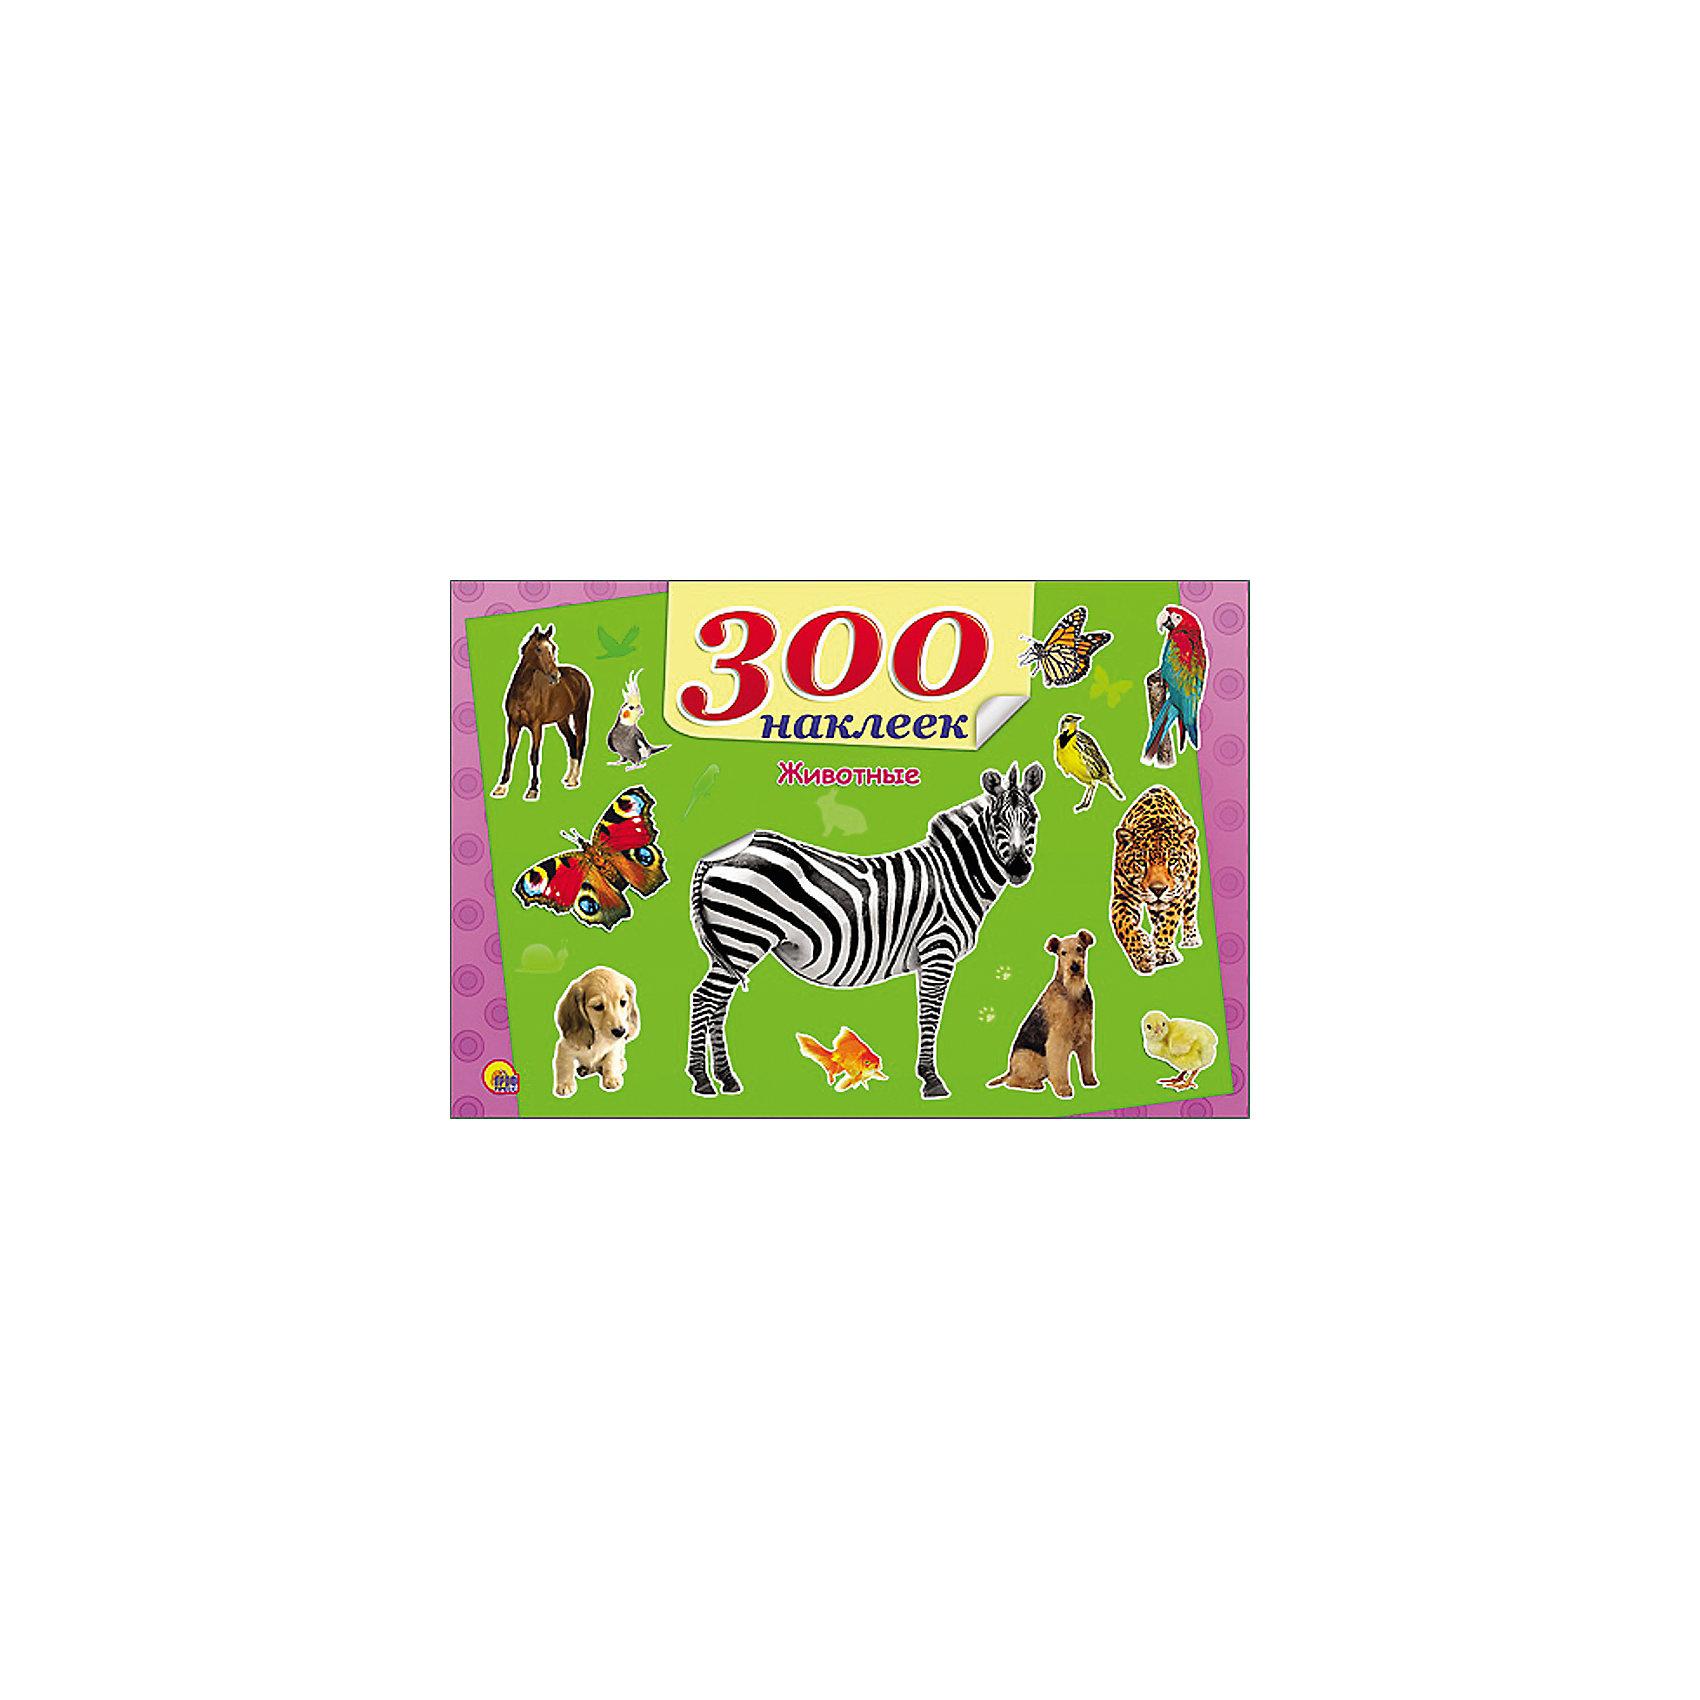 300 наклеек Животные300 наклеек Животные – это калейдоскоп красочных наклеек для развития творческих способностей вашего ребенка.<br>В этом большом чудесном альбоме вашего малыша ждут потрясающие яркие наклейки! В альбоме содержится 300 красочных стикеров с изображениями животных, птиц, рыб, пресмыкающихся и бабочек. Наклейки отлично подойдут для украшения аппликаций, открыток, тетрадей или альбомов. Для дошкольного и младшего школьного возраста.<br><br>Дополнительная информация:<br><br>- Издательство: Проф-Пресс, 2015 г.<br>- Серия: 300 наклеек<br>- Тип обложки: мягкий переплет (крепление скрепкой или клеем)<br>- Оформление: с наклейками<br>- Иллюстрации: цветные<br>- Количество страниц: 8 (мелованная)<br>- Размер: 197x290x3 мм.<br>- Вес: 112 гр.<br><br>Альбом 300 наклеек Животные можно купить в нашем интернет-магазине.<br><br>Ширина мм: 295<br>Глубина мм: 3<br>Высота мм: 200<br>Вес г: 150<br>Возраст от месяцев: 0<br>Возраст до месяцев: 36<br>Пол: Унисекс<br>Возраст: Детский<br>SKU: 4500302